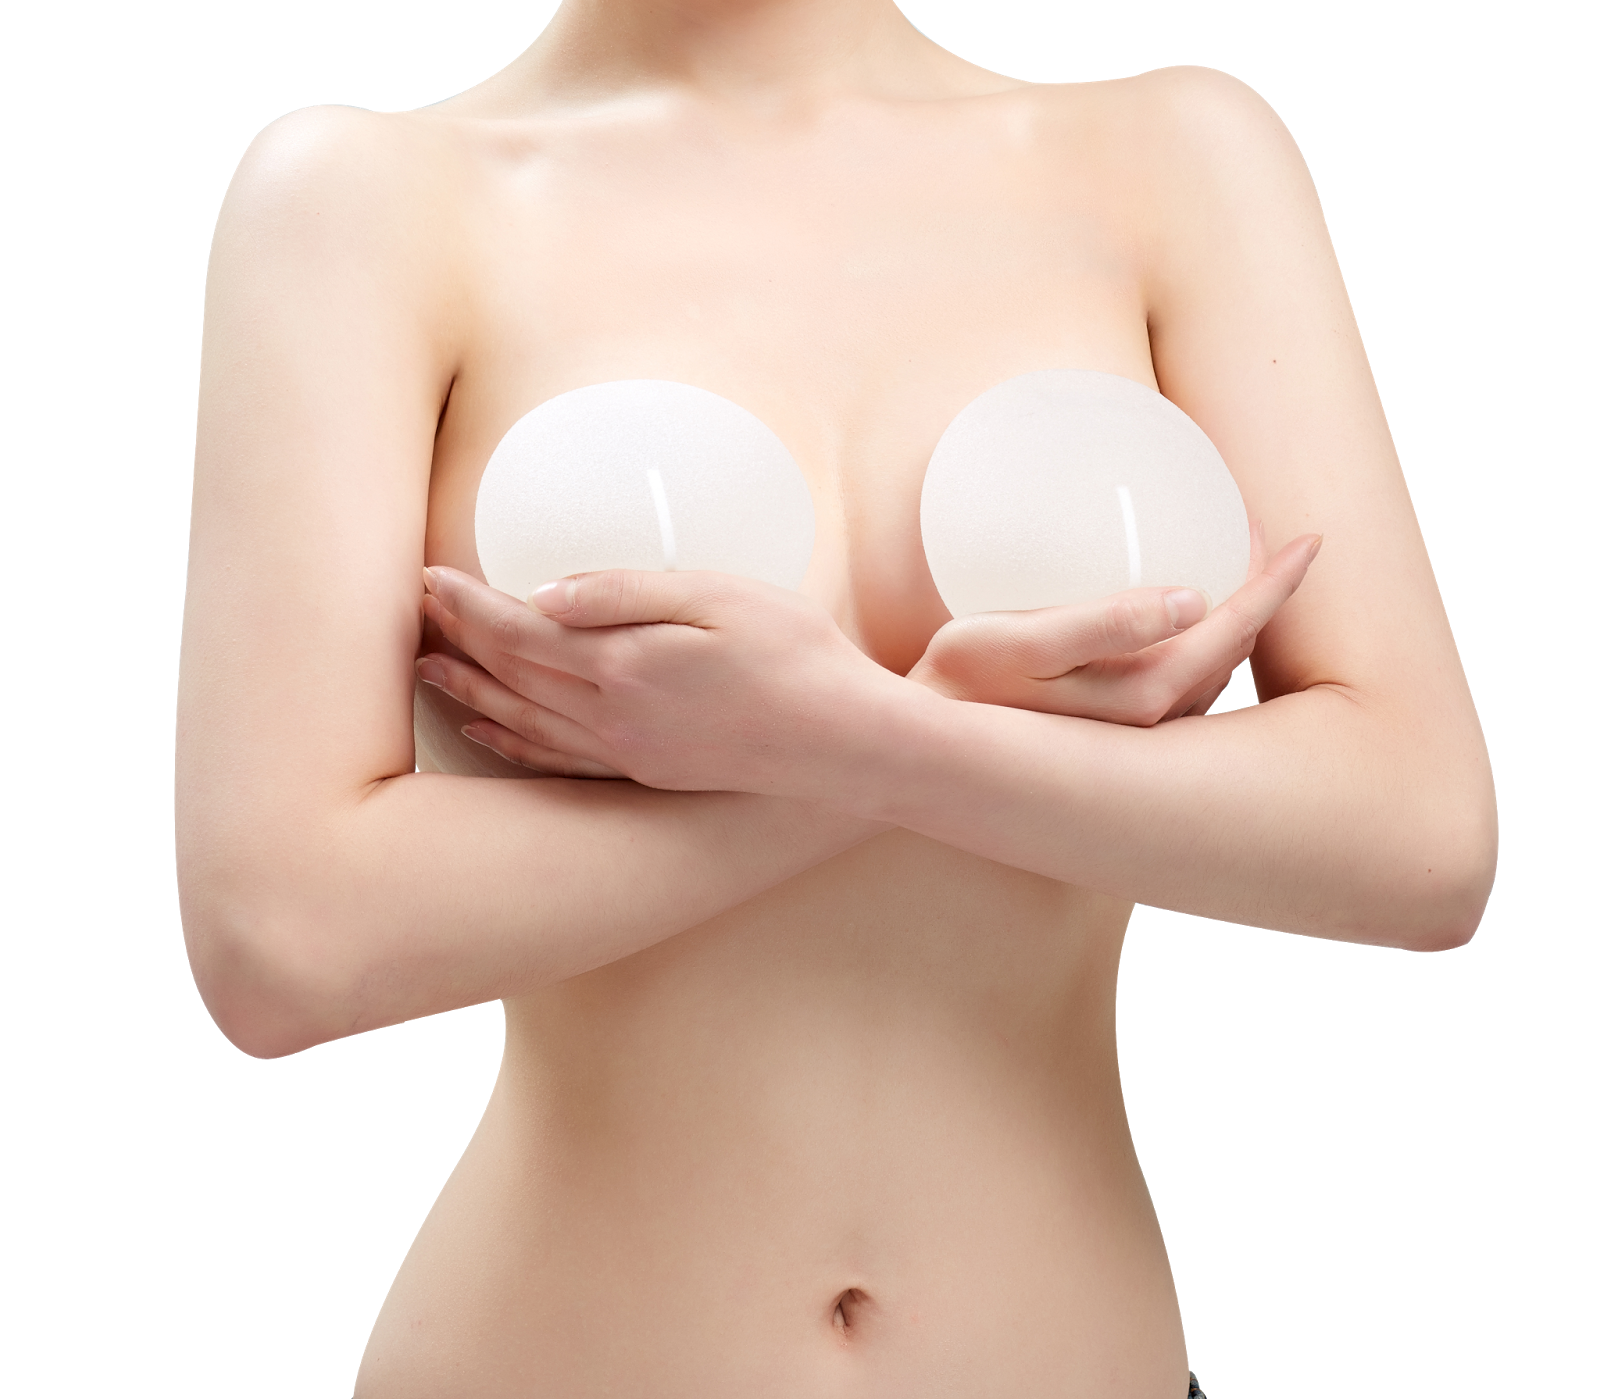 увеличение груди за счет собственного жира